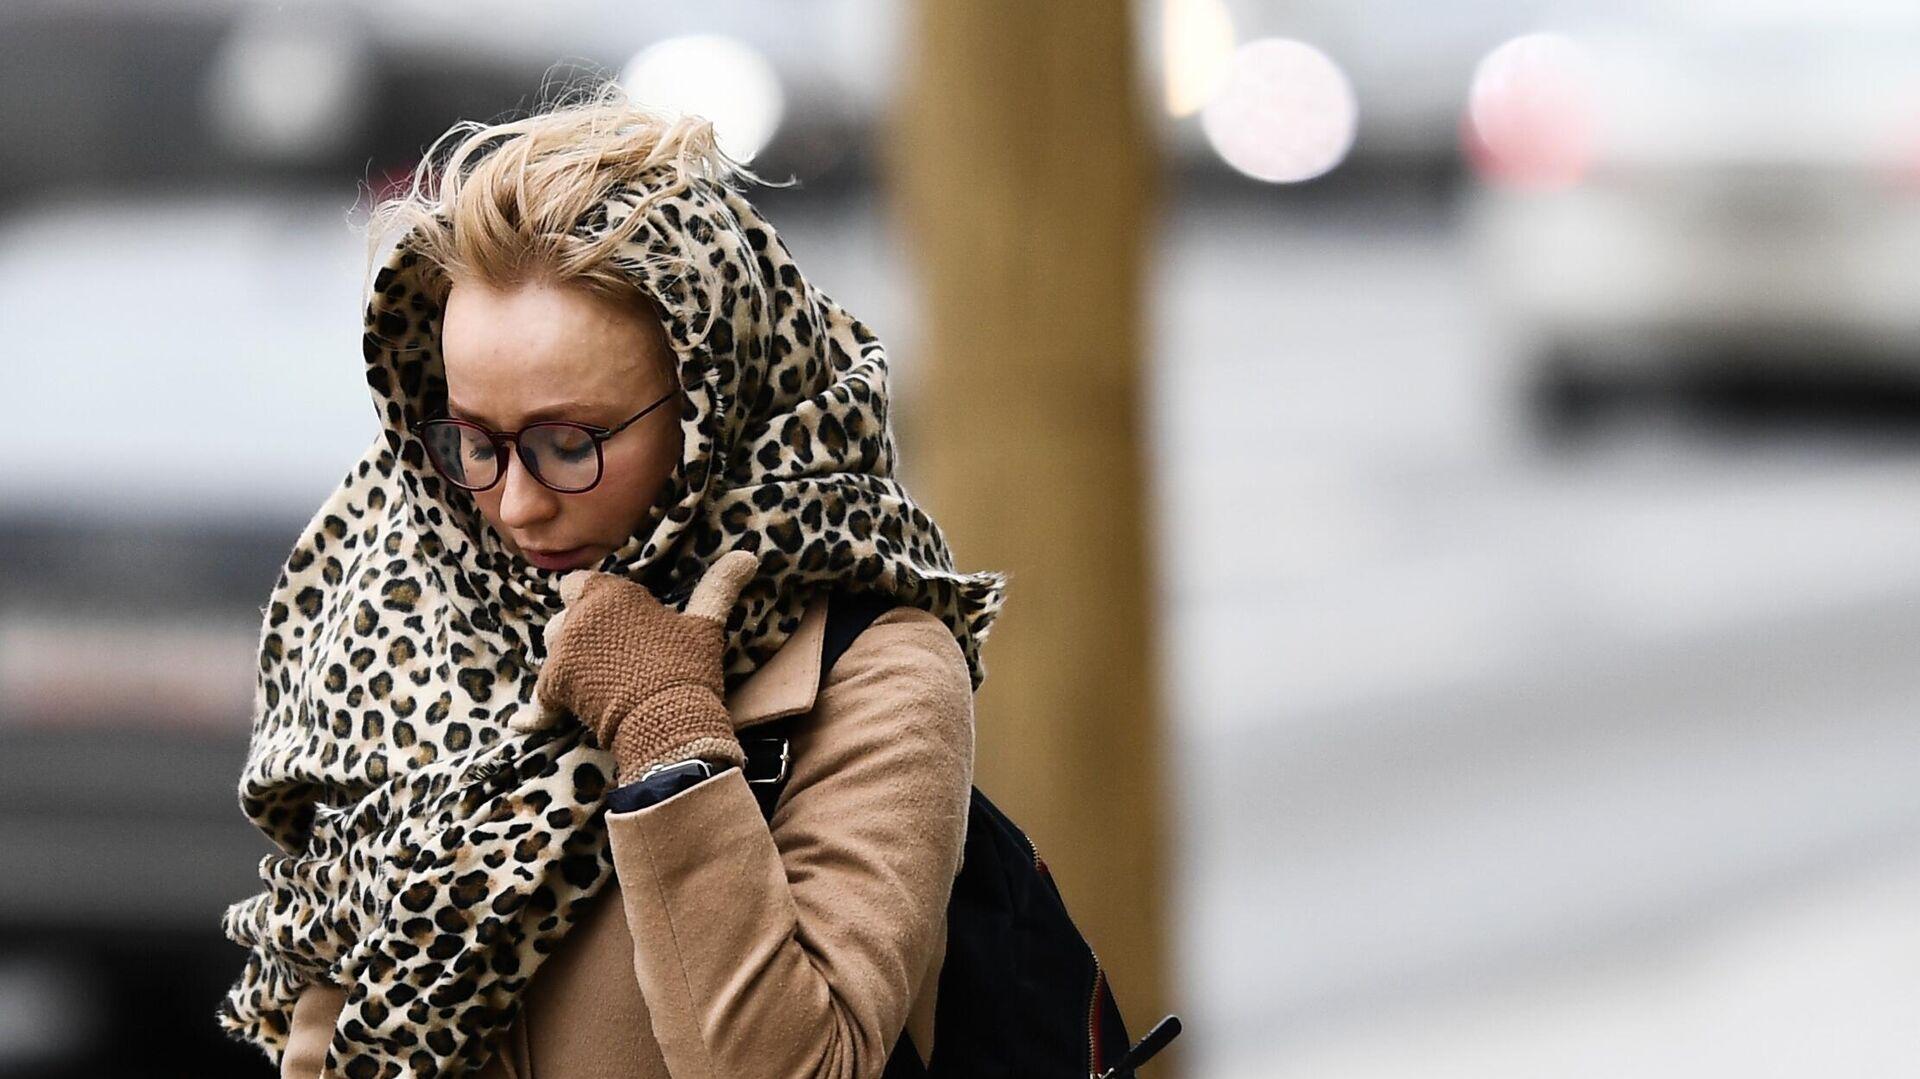 Женщина идет по улице под порывами ветр - РИА Новости, 1920, 21.11.2020